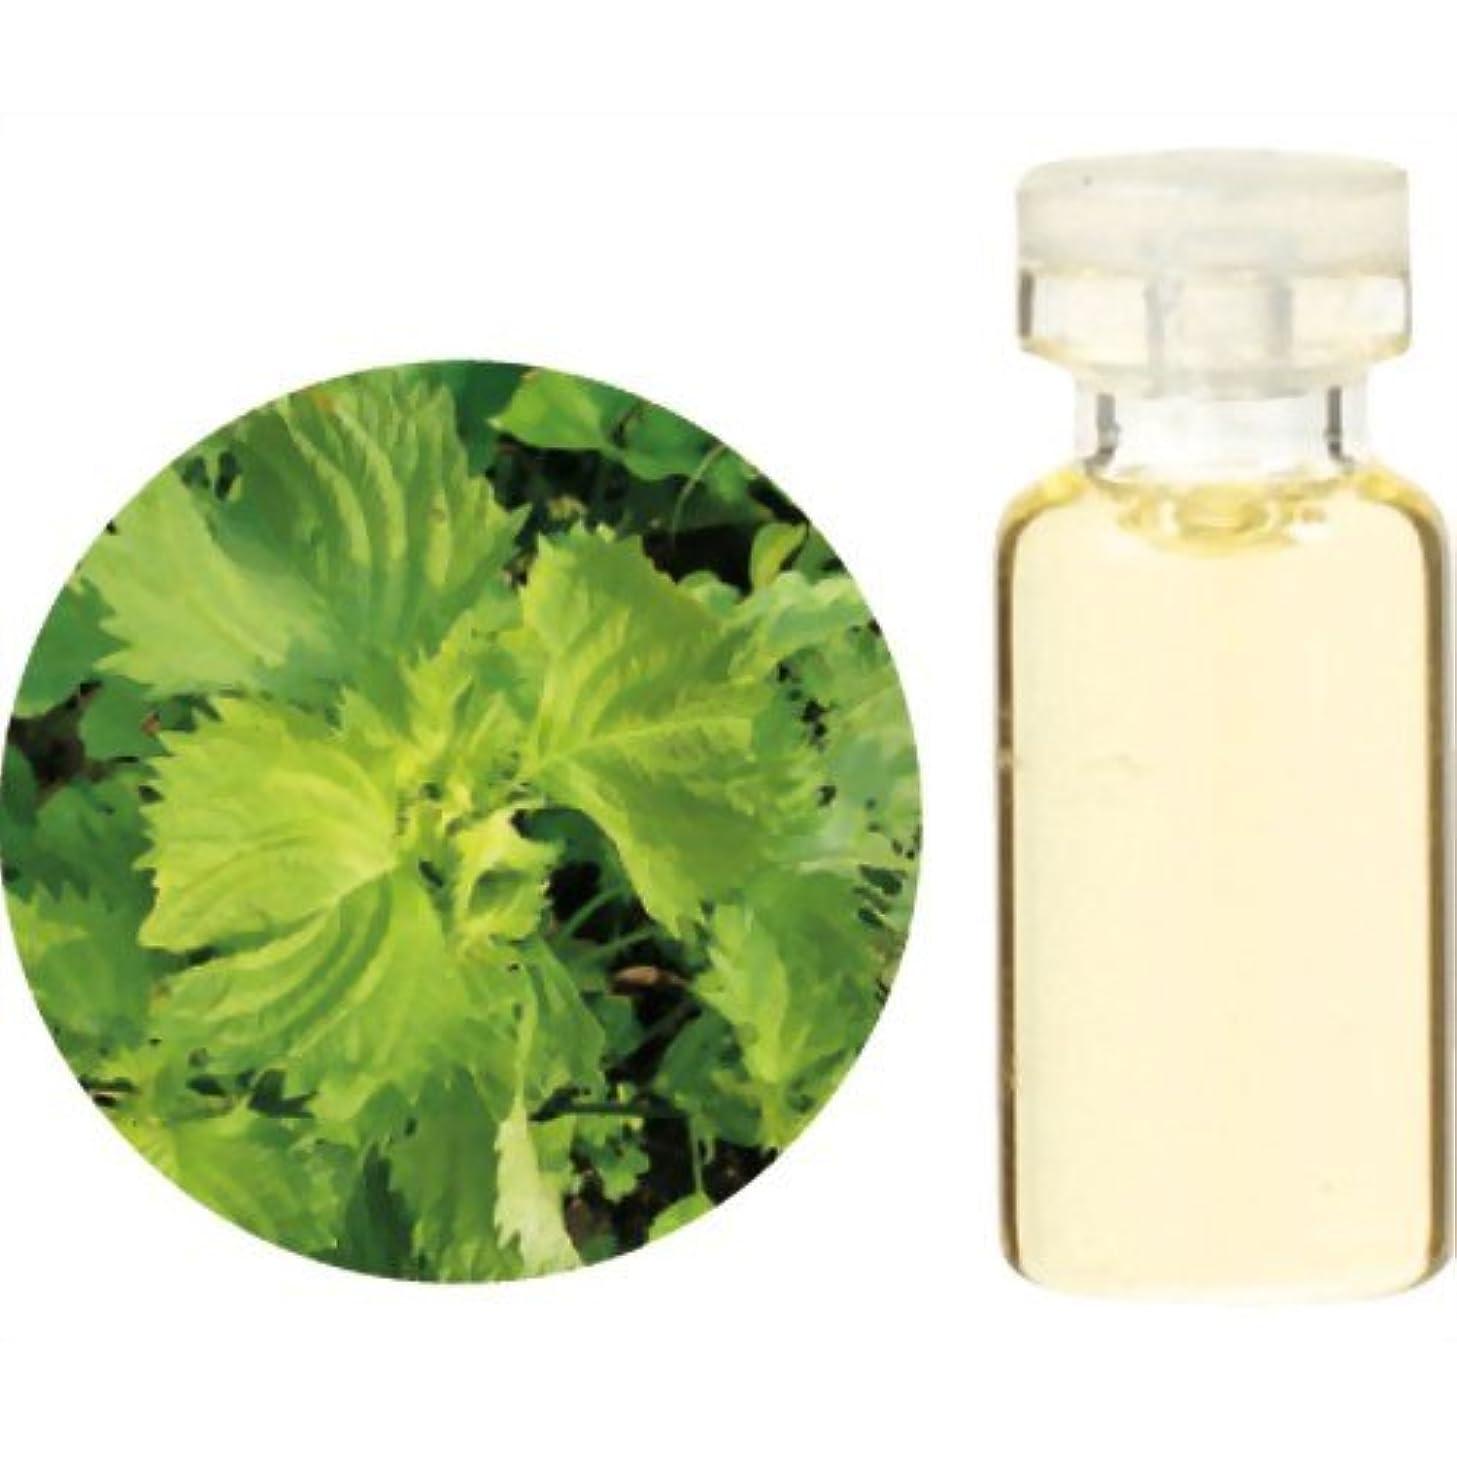 新しい意味海峡ひもハイブリッド生活の木 Herbal Life 和精油 紫蘇 1ml